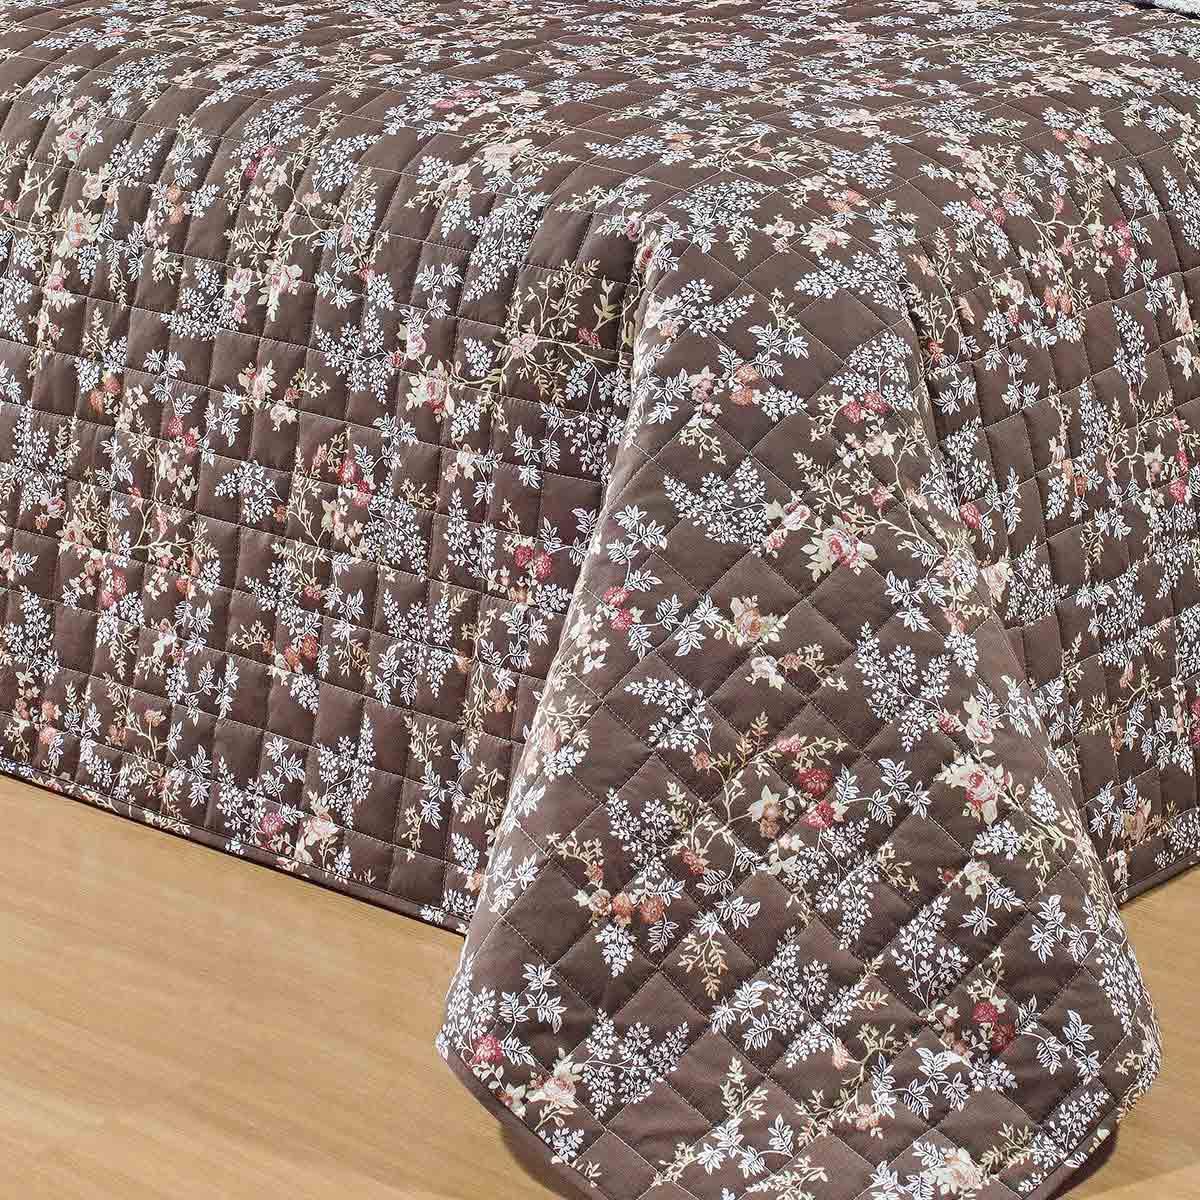 Kit Cobre Leito (Cobre Leito + Lençol) King Coleção Nobre Percal 200 Fios Florida com 7 peças